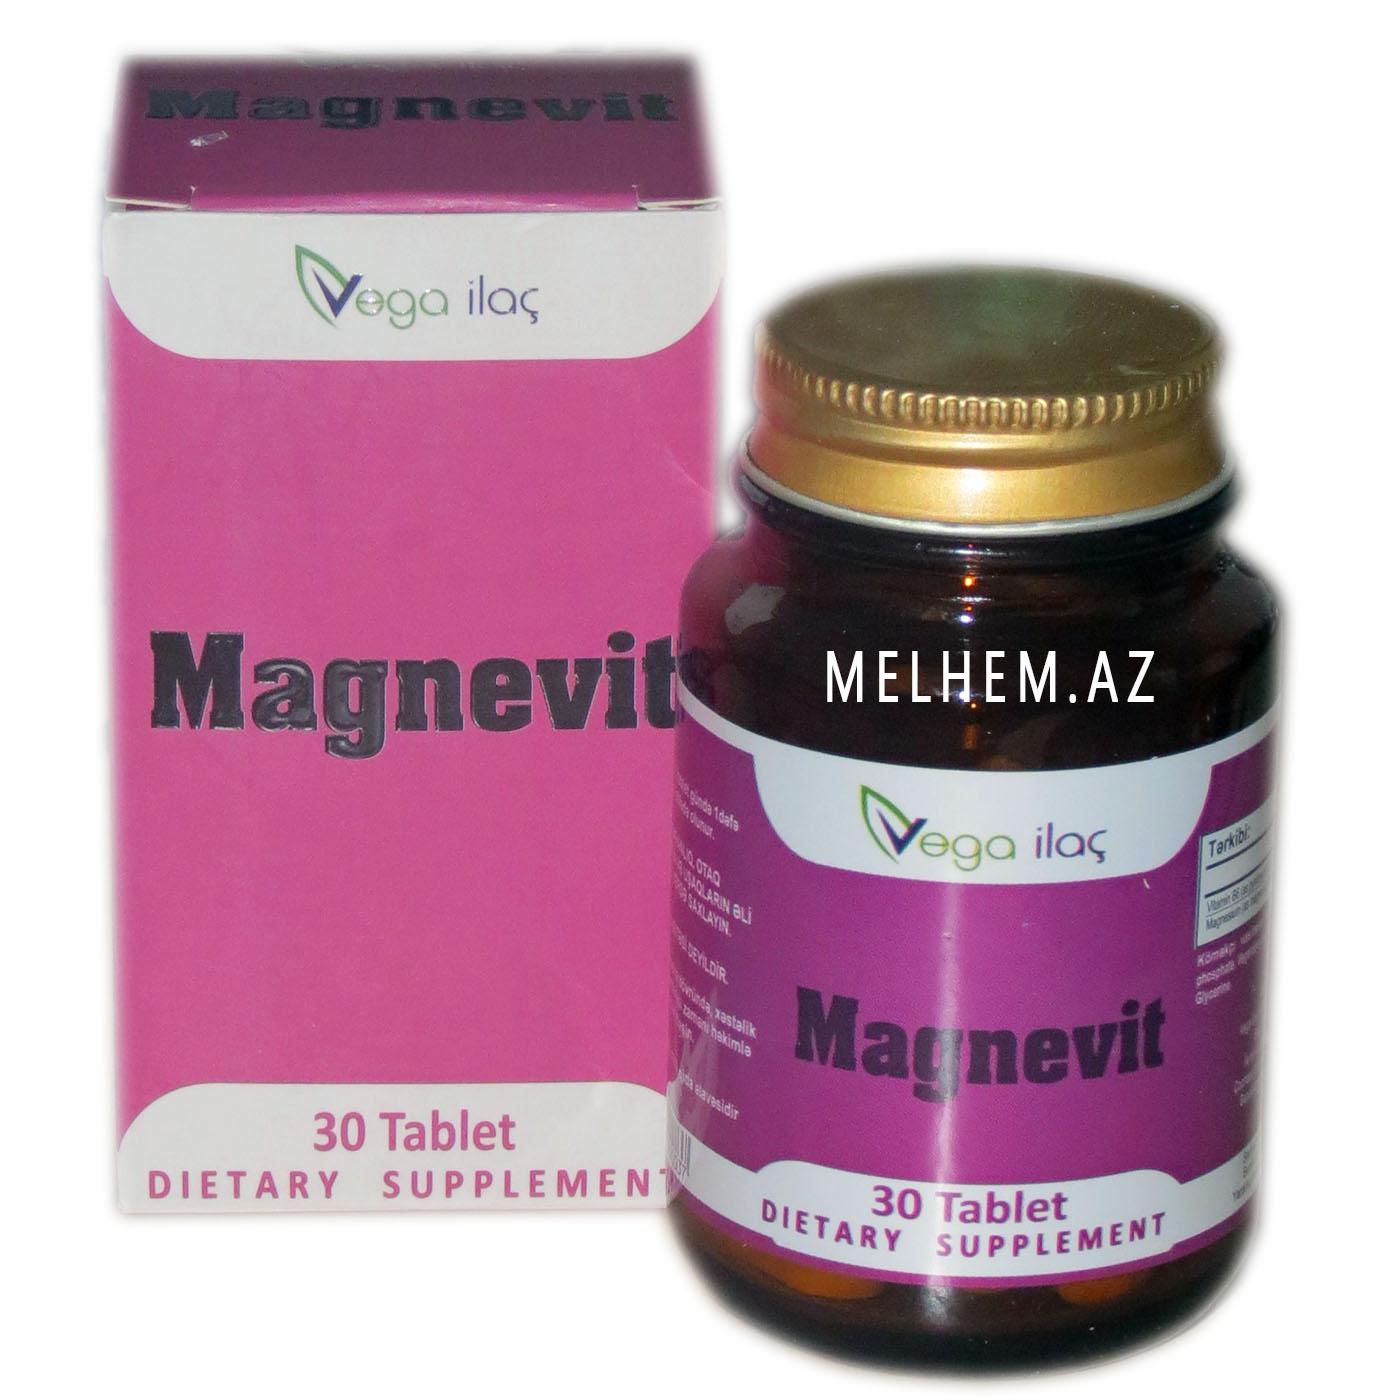 MAQNEVIT